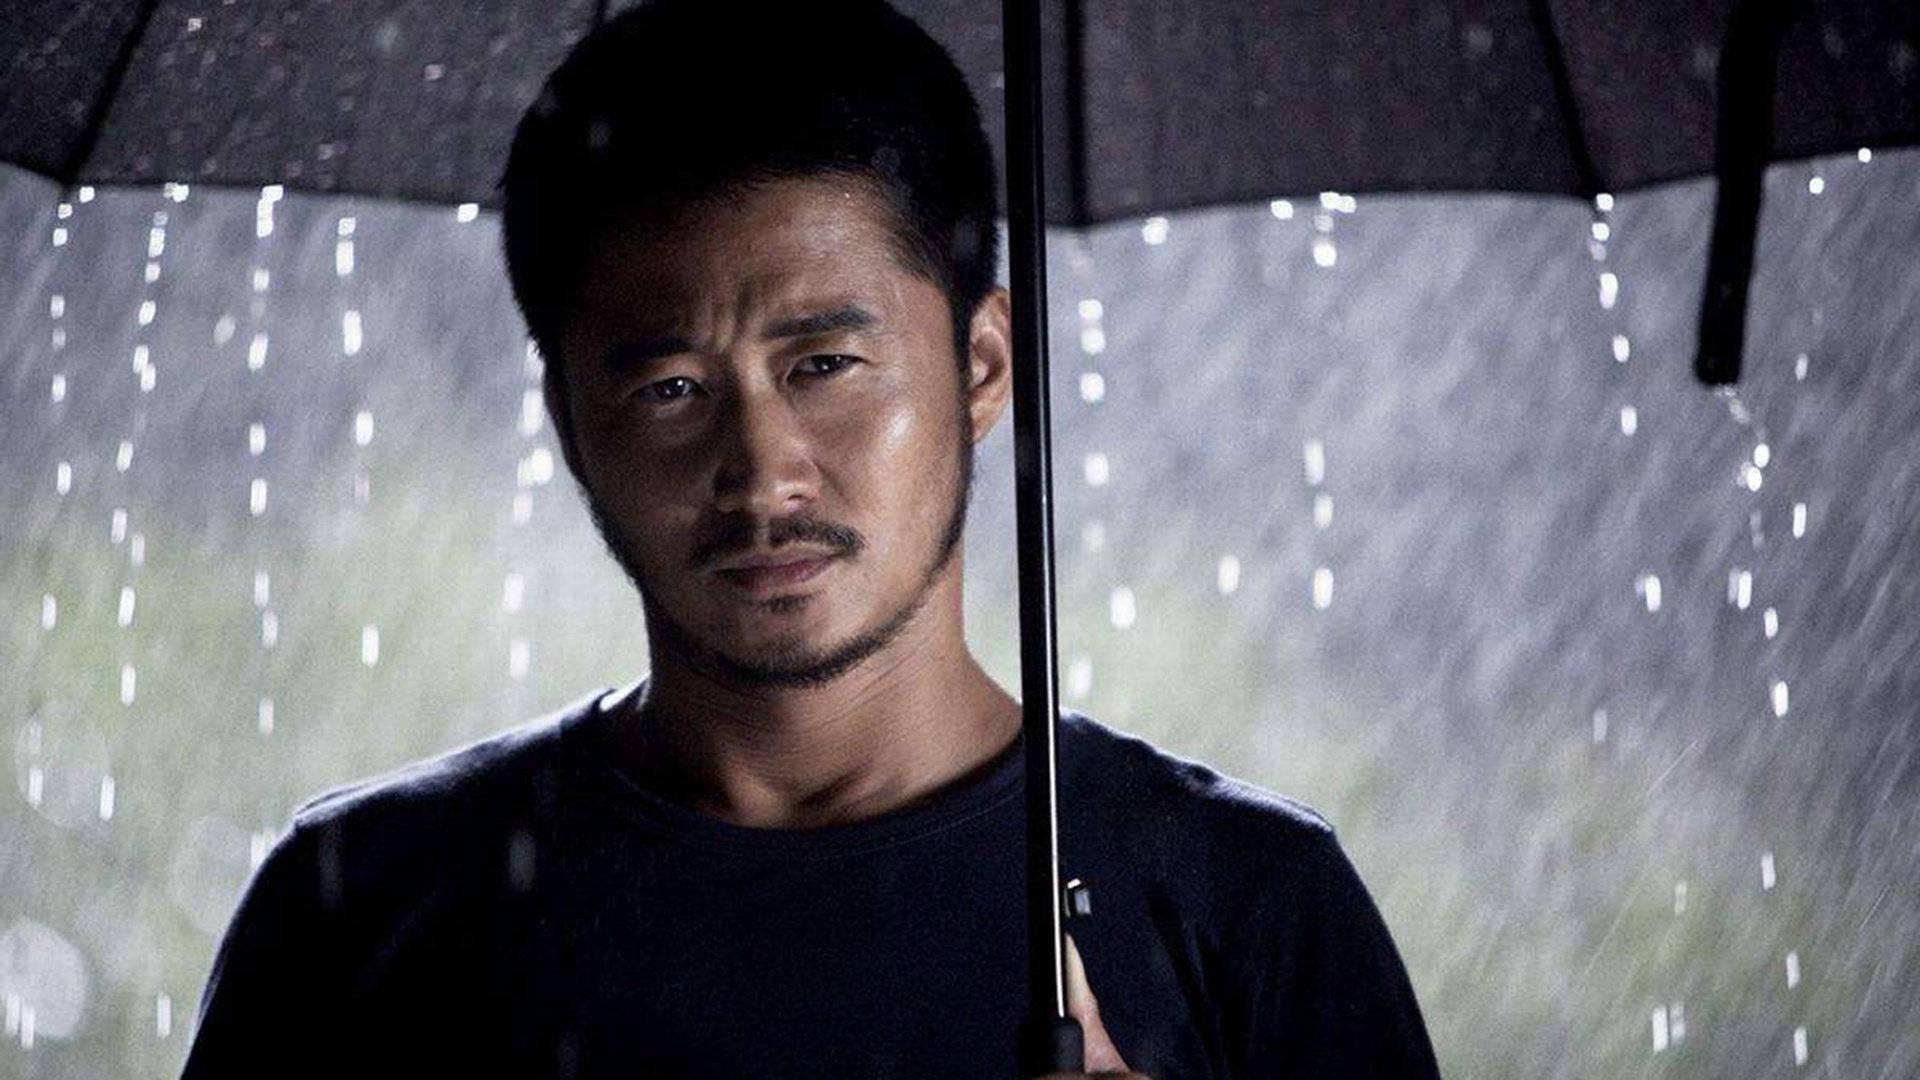 电影《长津湖》好似催泪弹 没有岁月静好只有默默守候